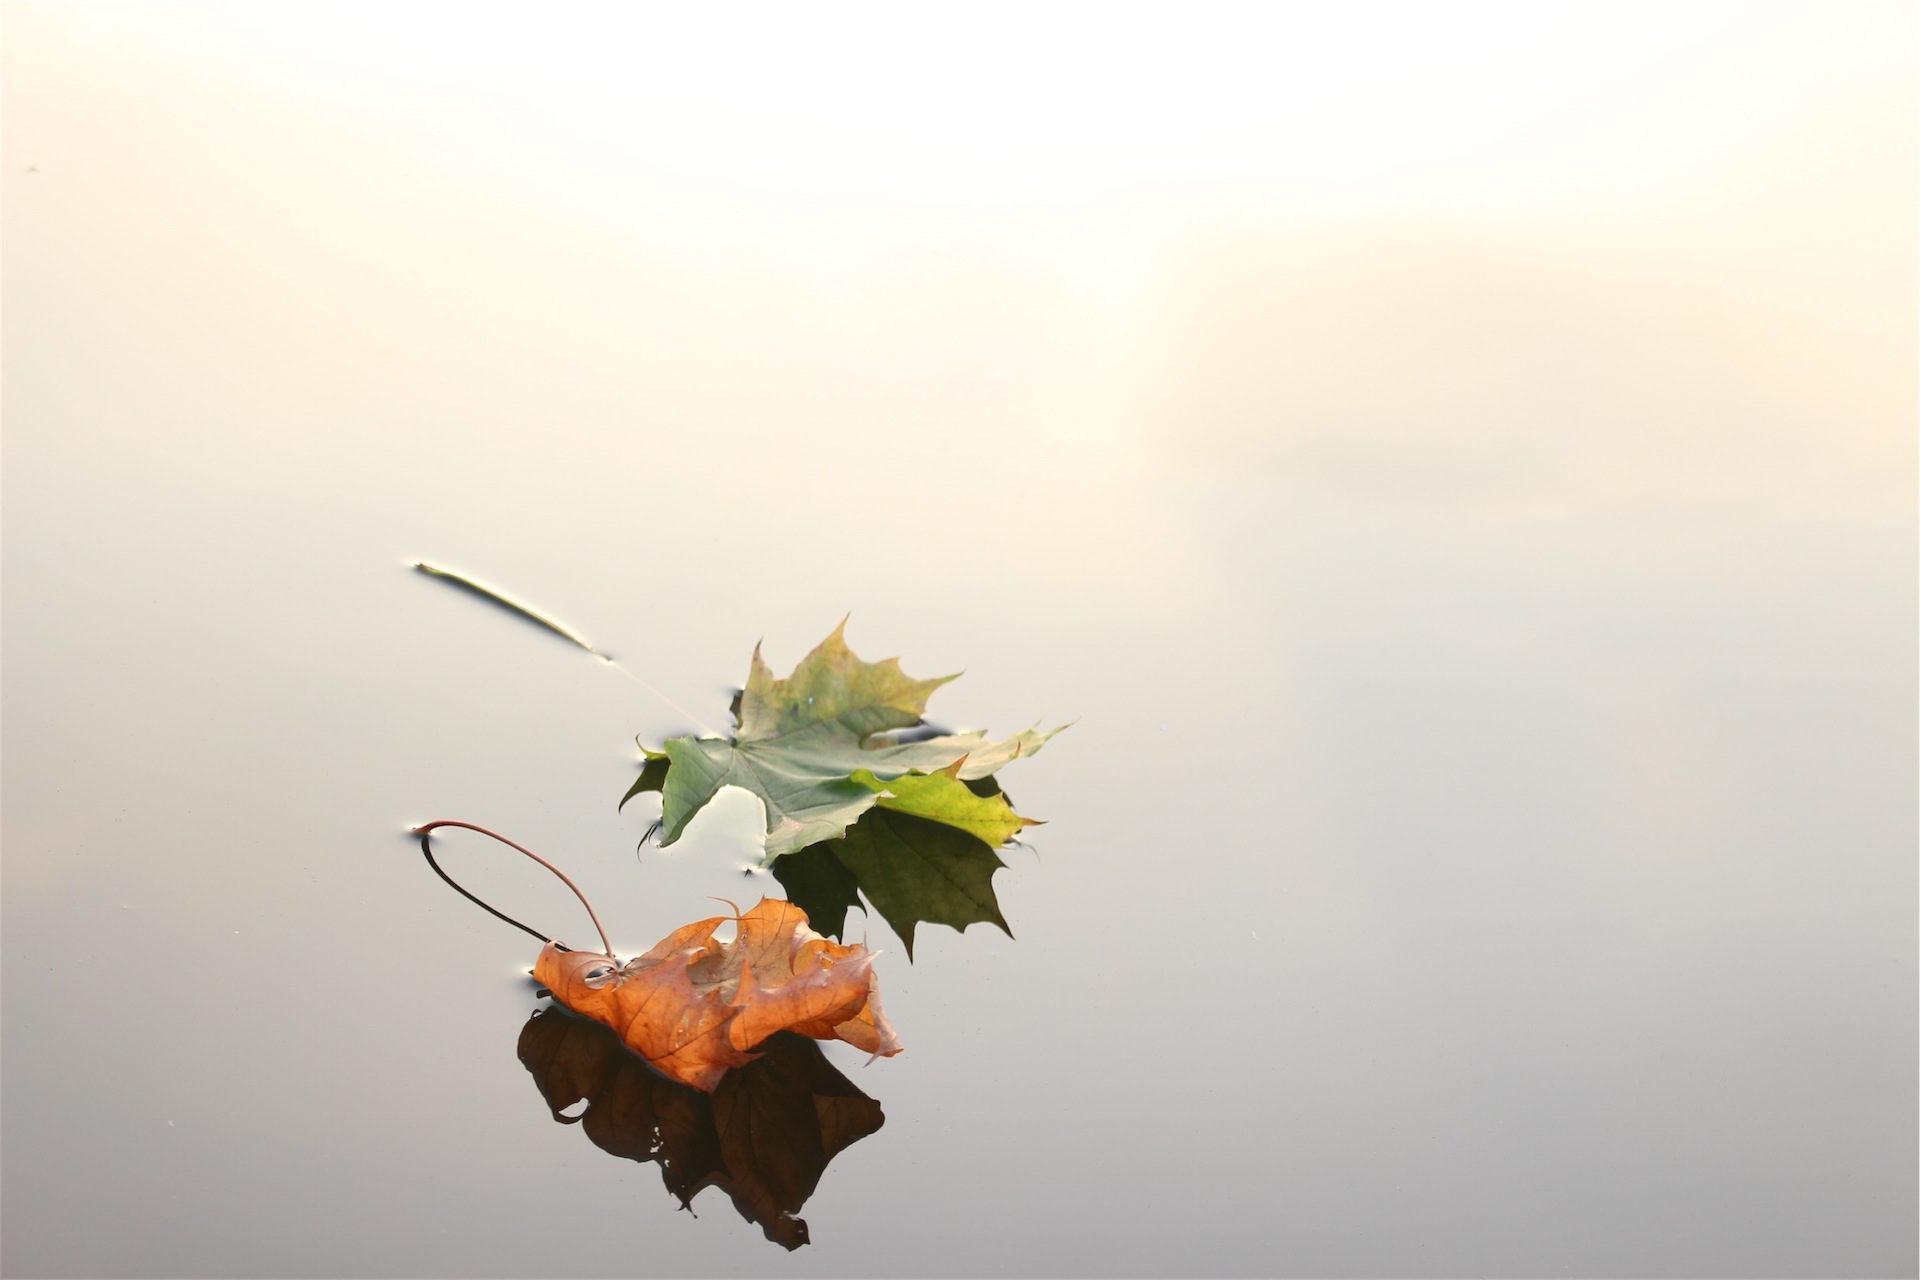 folhas, Lagoa, Lago, Verde, Brown - Papéis de parede HD - Professor-falken.com